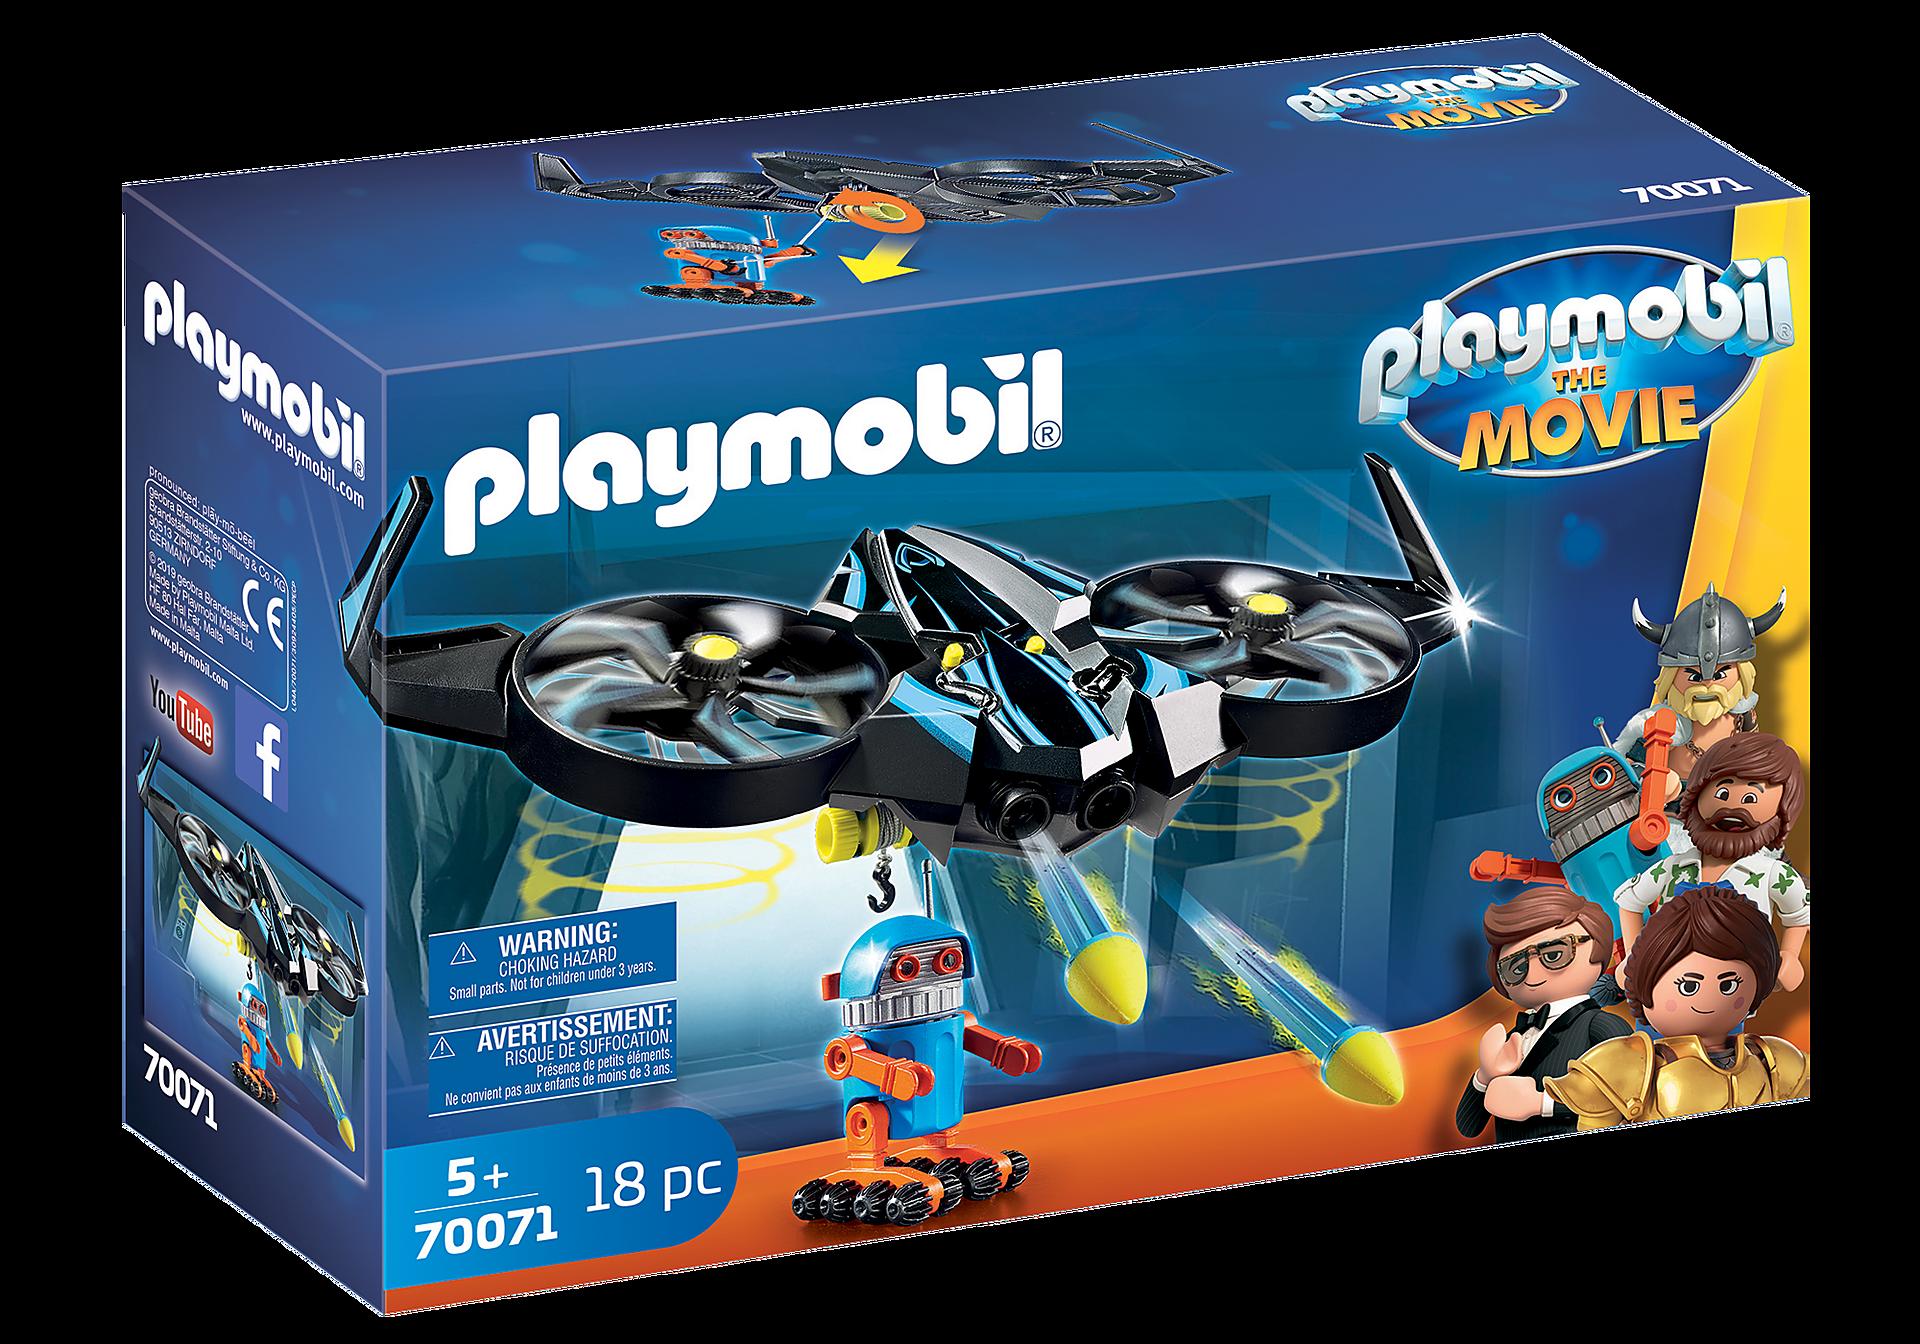 70071 PLAYMOBIL:THE MOVIE Robotitron mit Drohne zoom image2